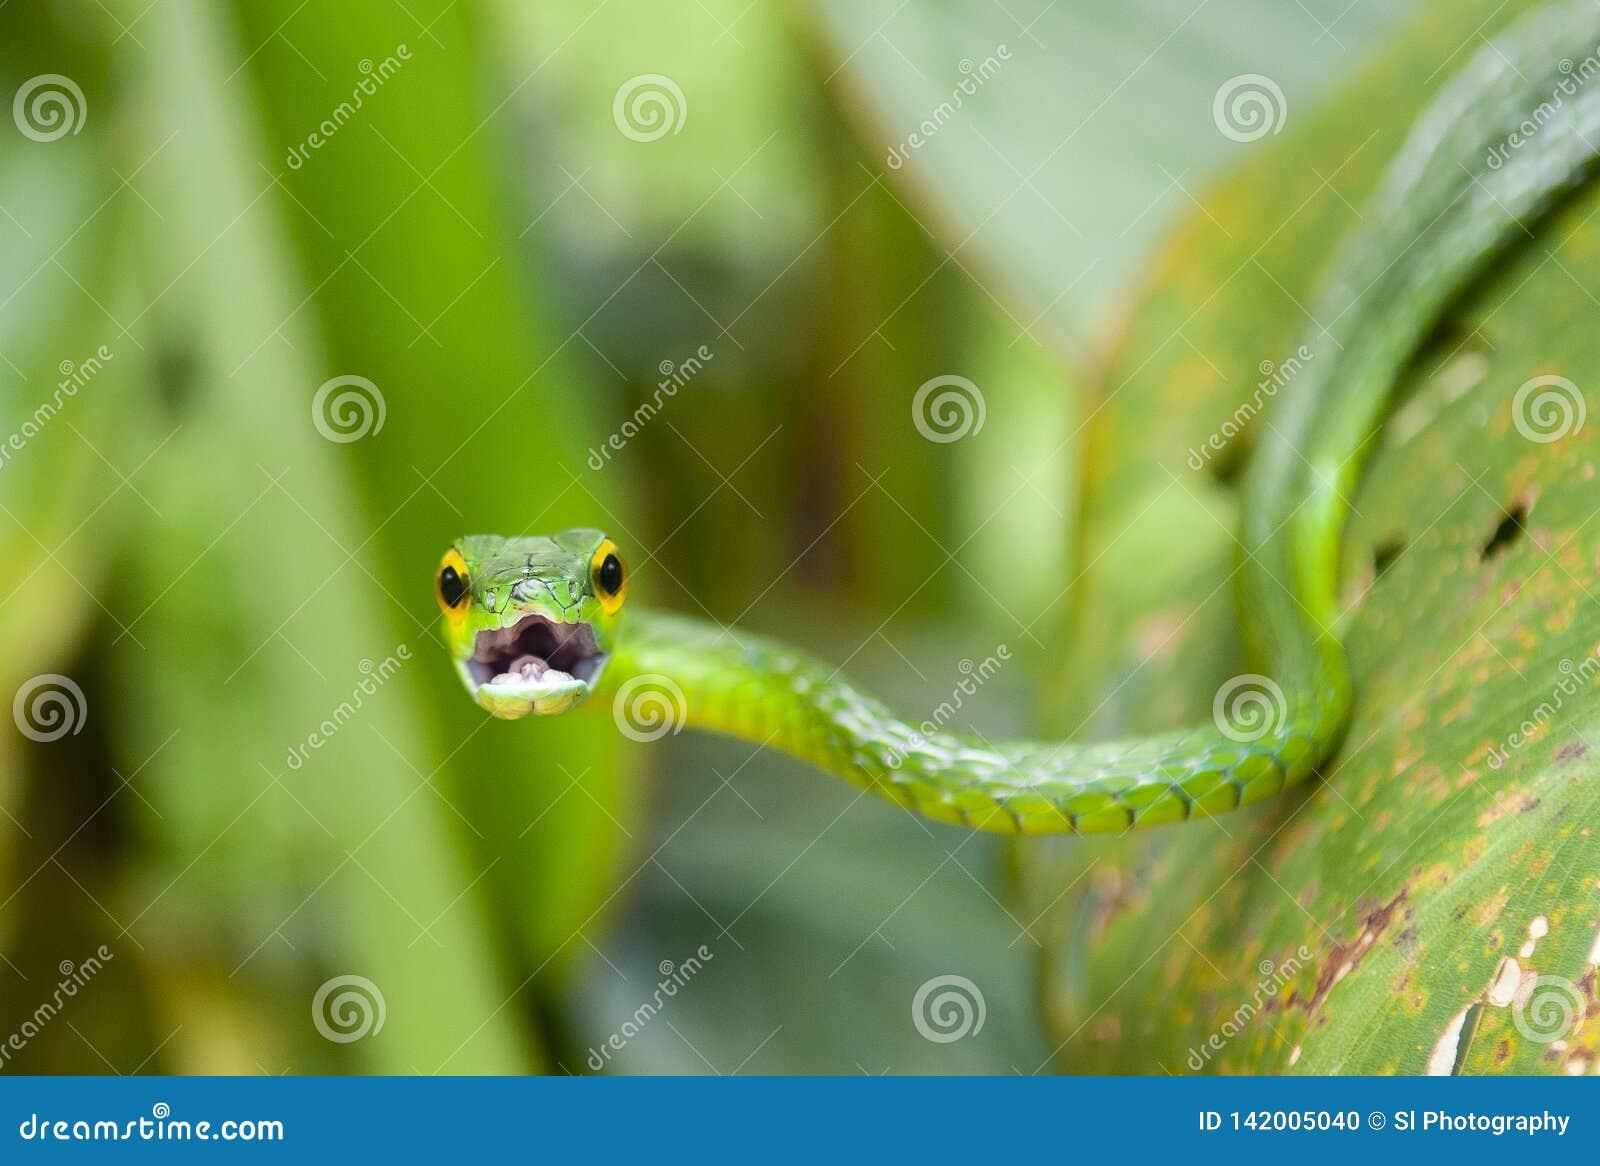 Зеленая змейка лозы, Коста-Рика